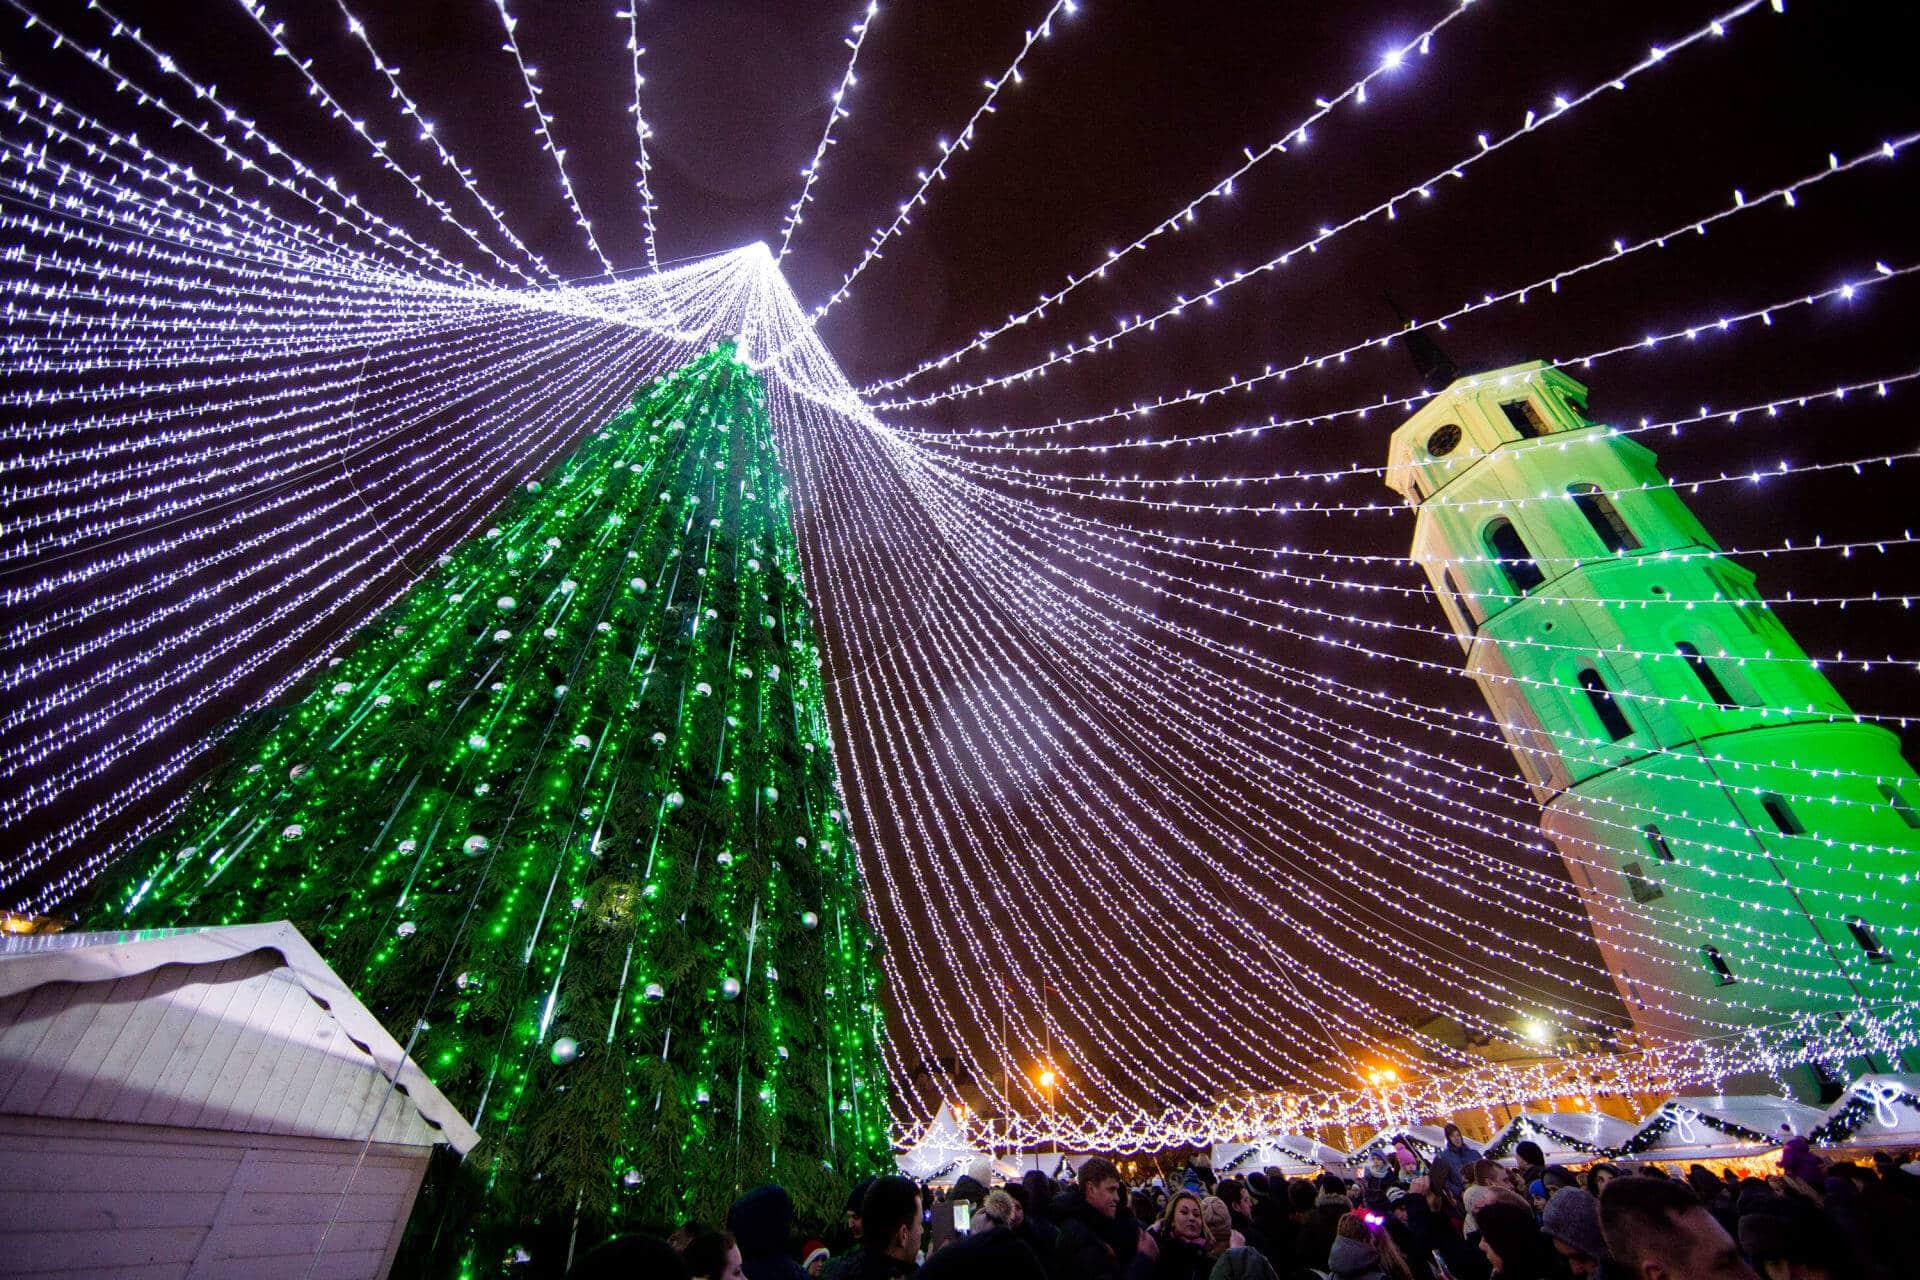 Рождественская елка освещенная 50000 лампочками открывает праздничный сезон в Вильнюсе